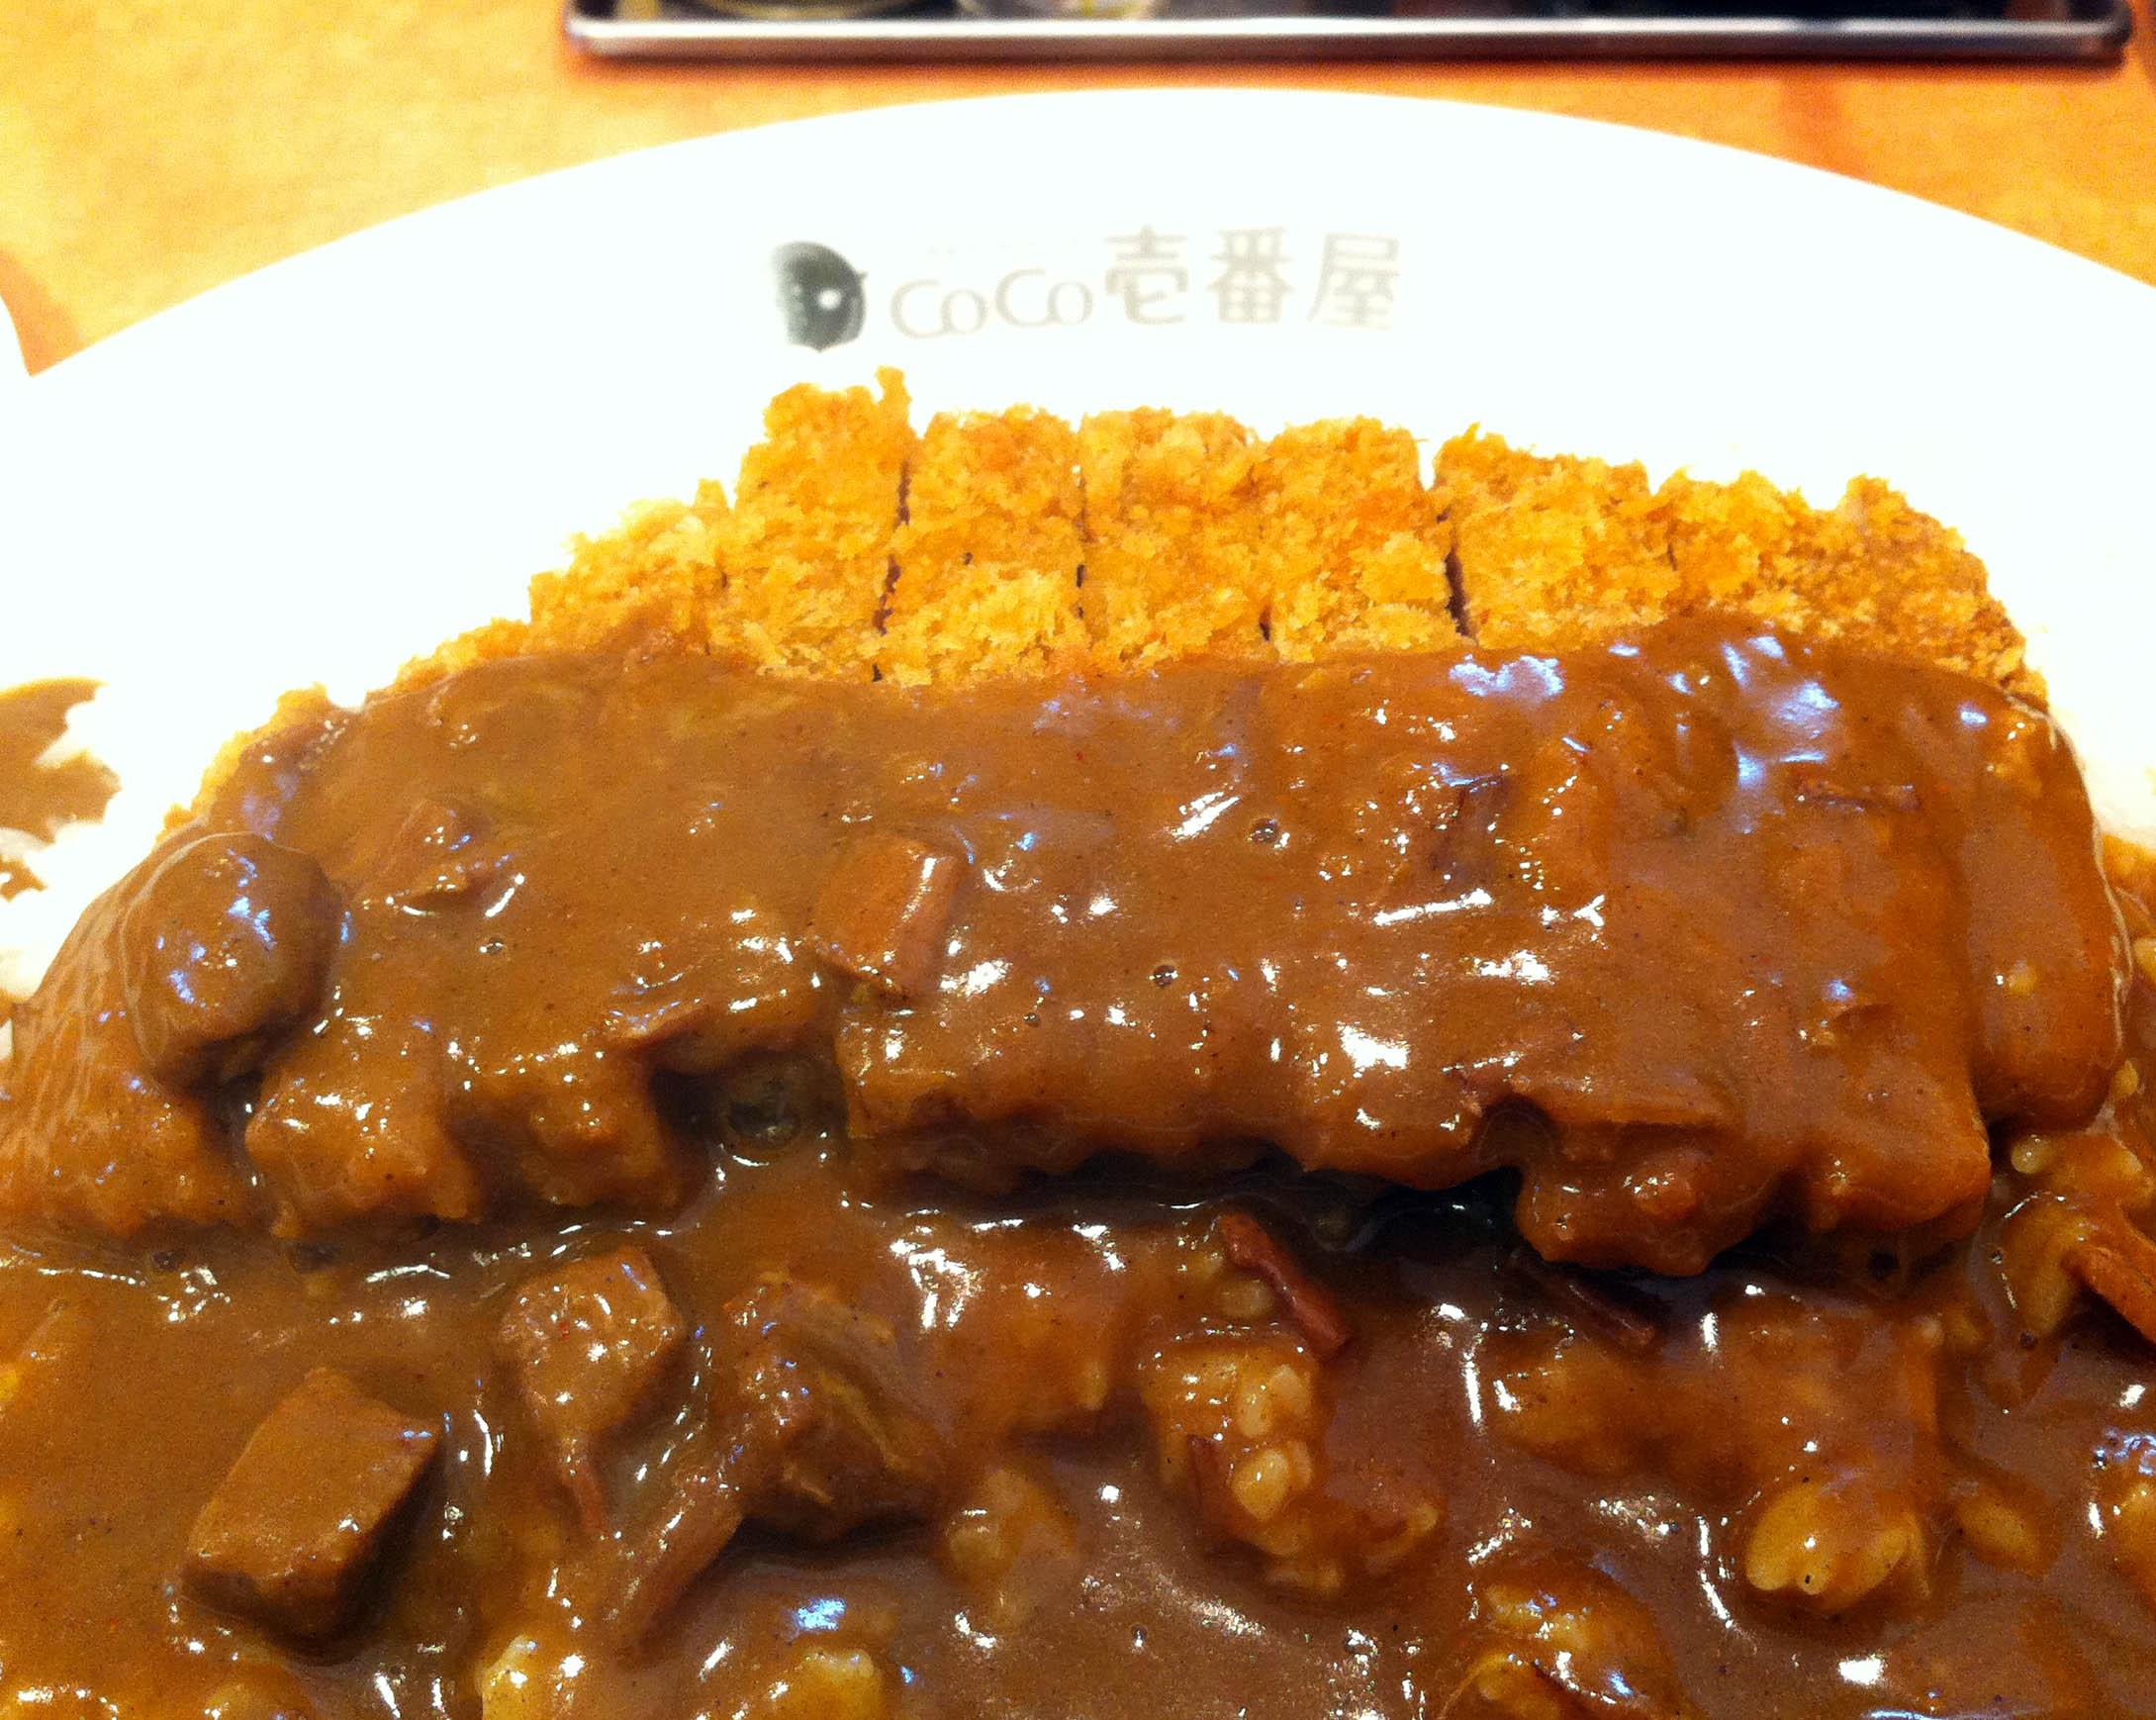 カレーハウス CoCo壱番屋 横浜鶴屋町店